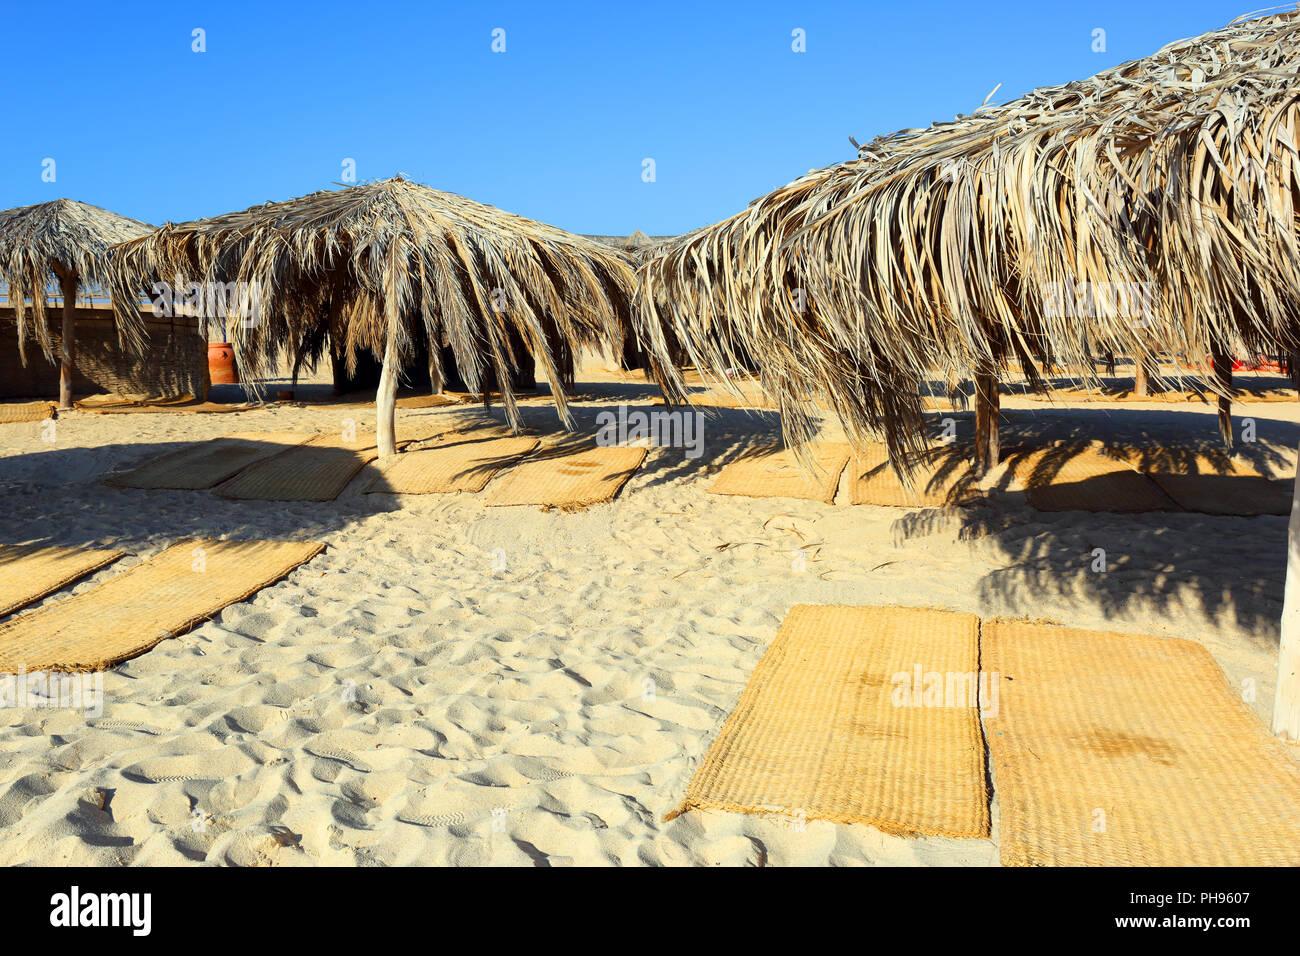 Schirme und Auflagen am Strand Stockbild